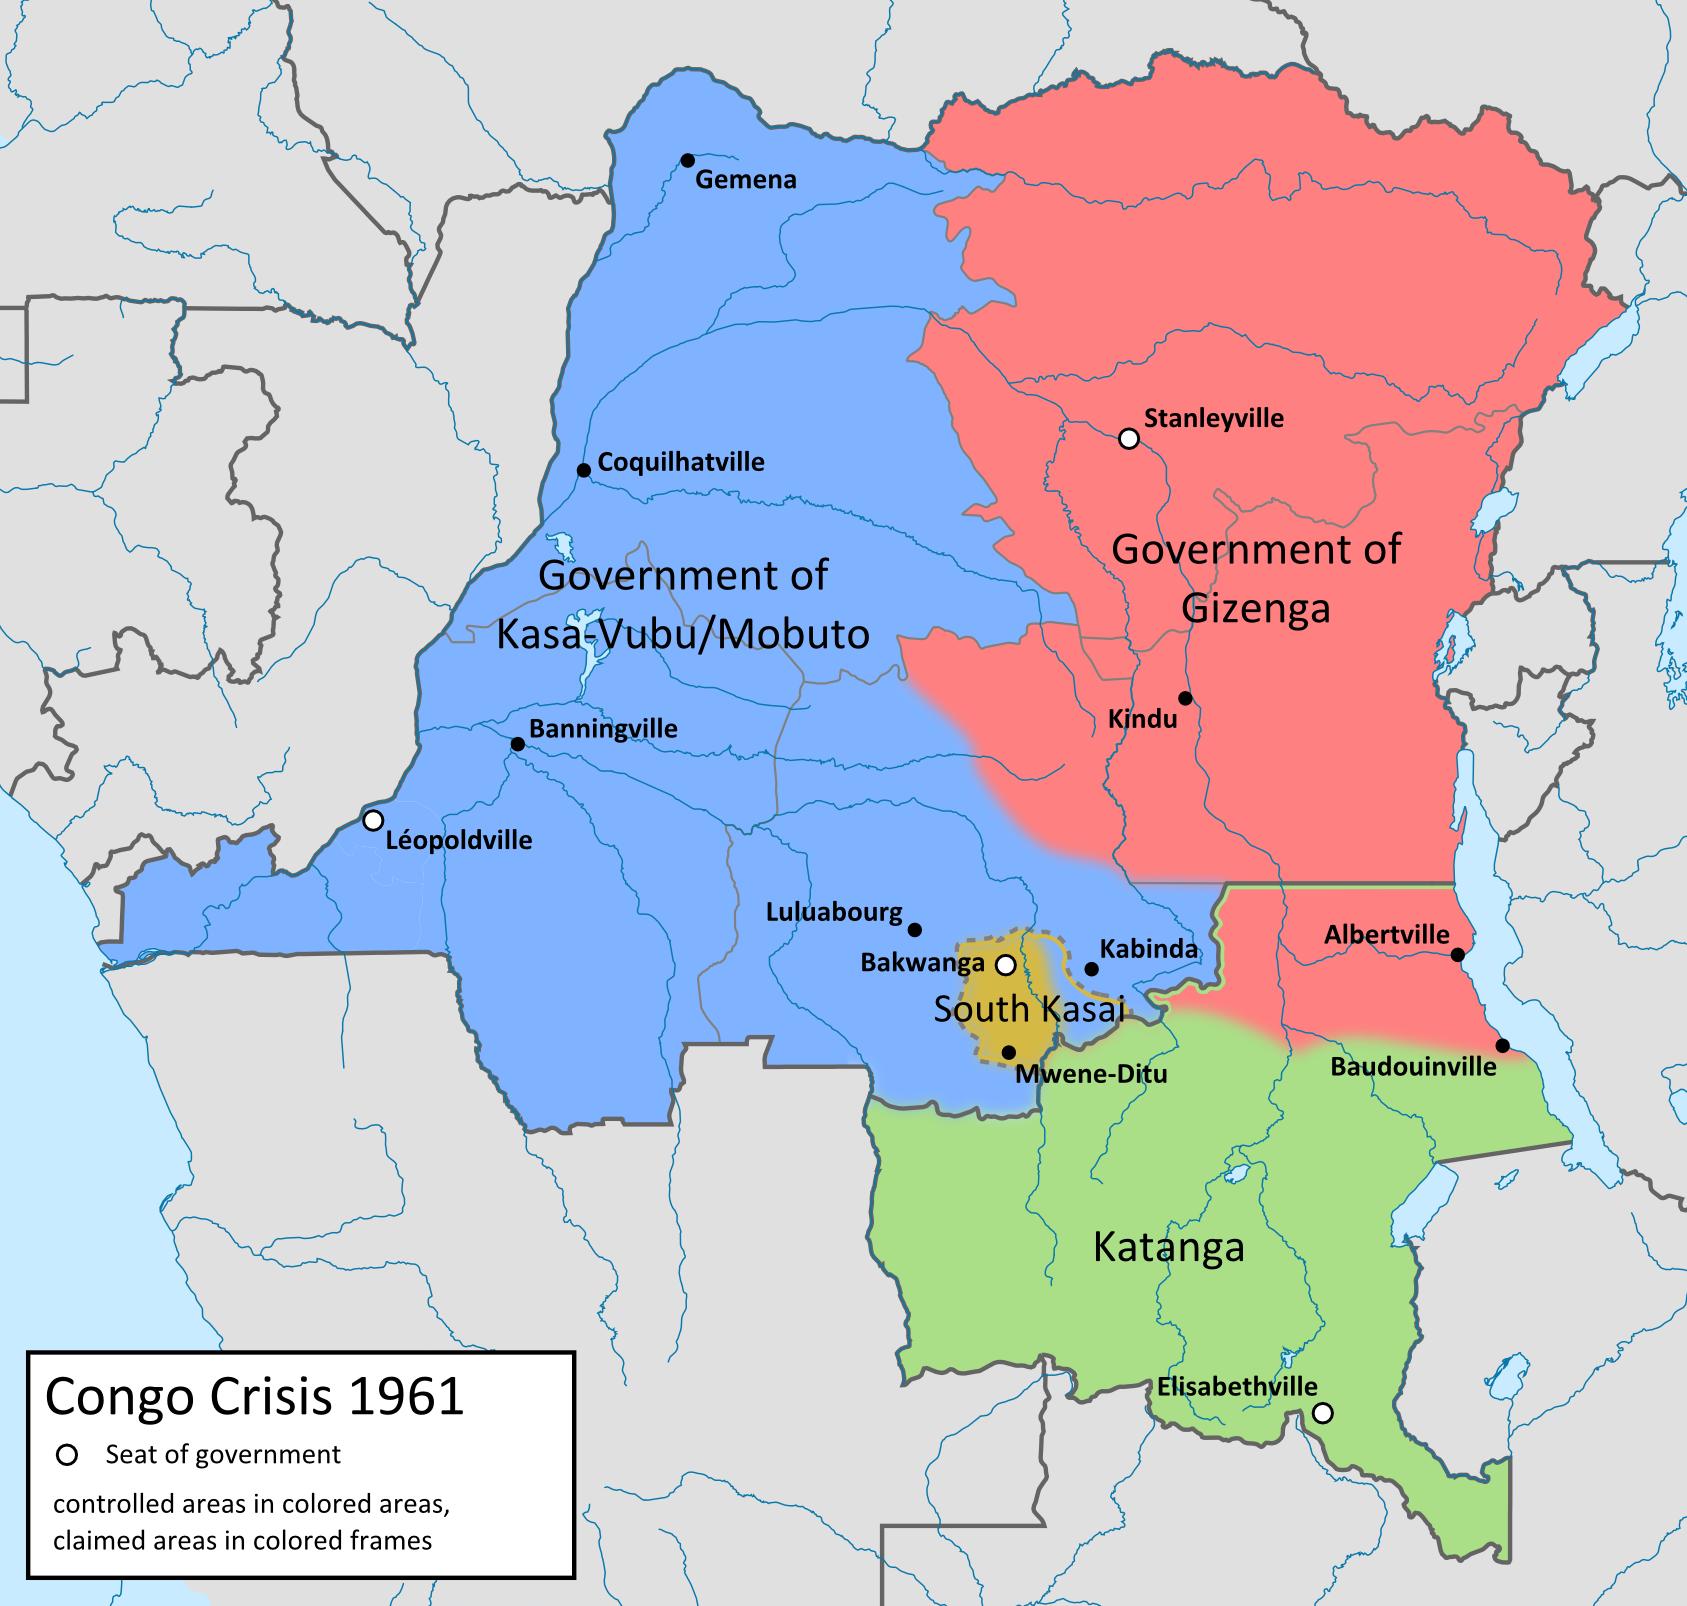 Katanga in green (1961)